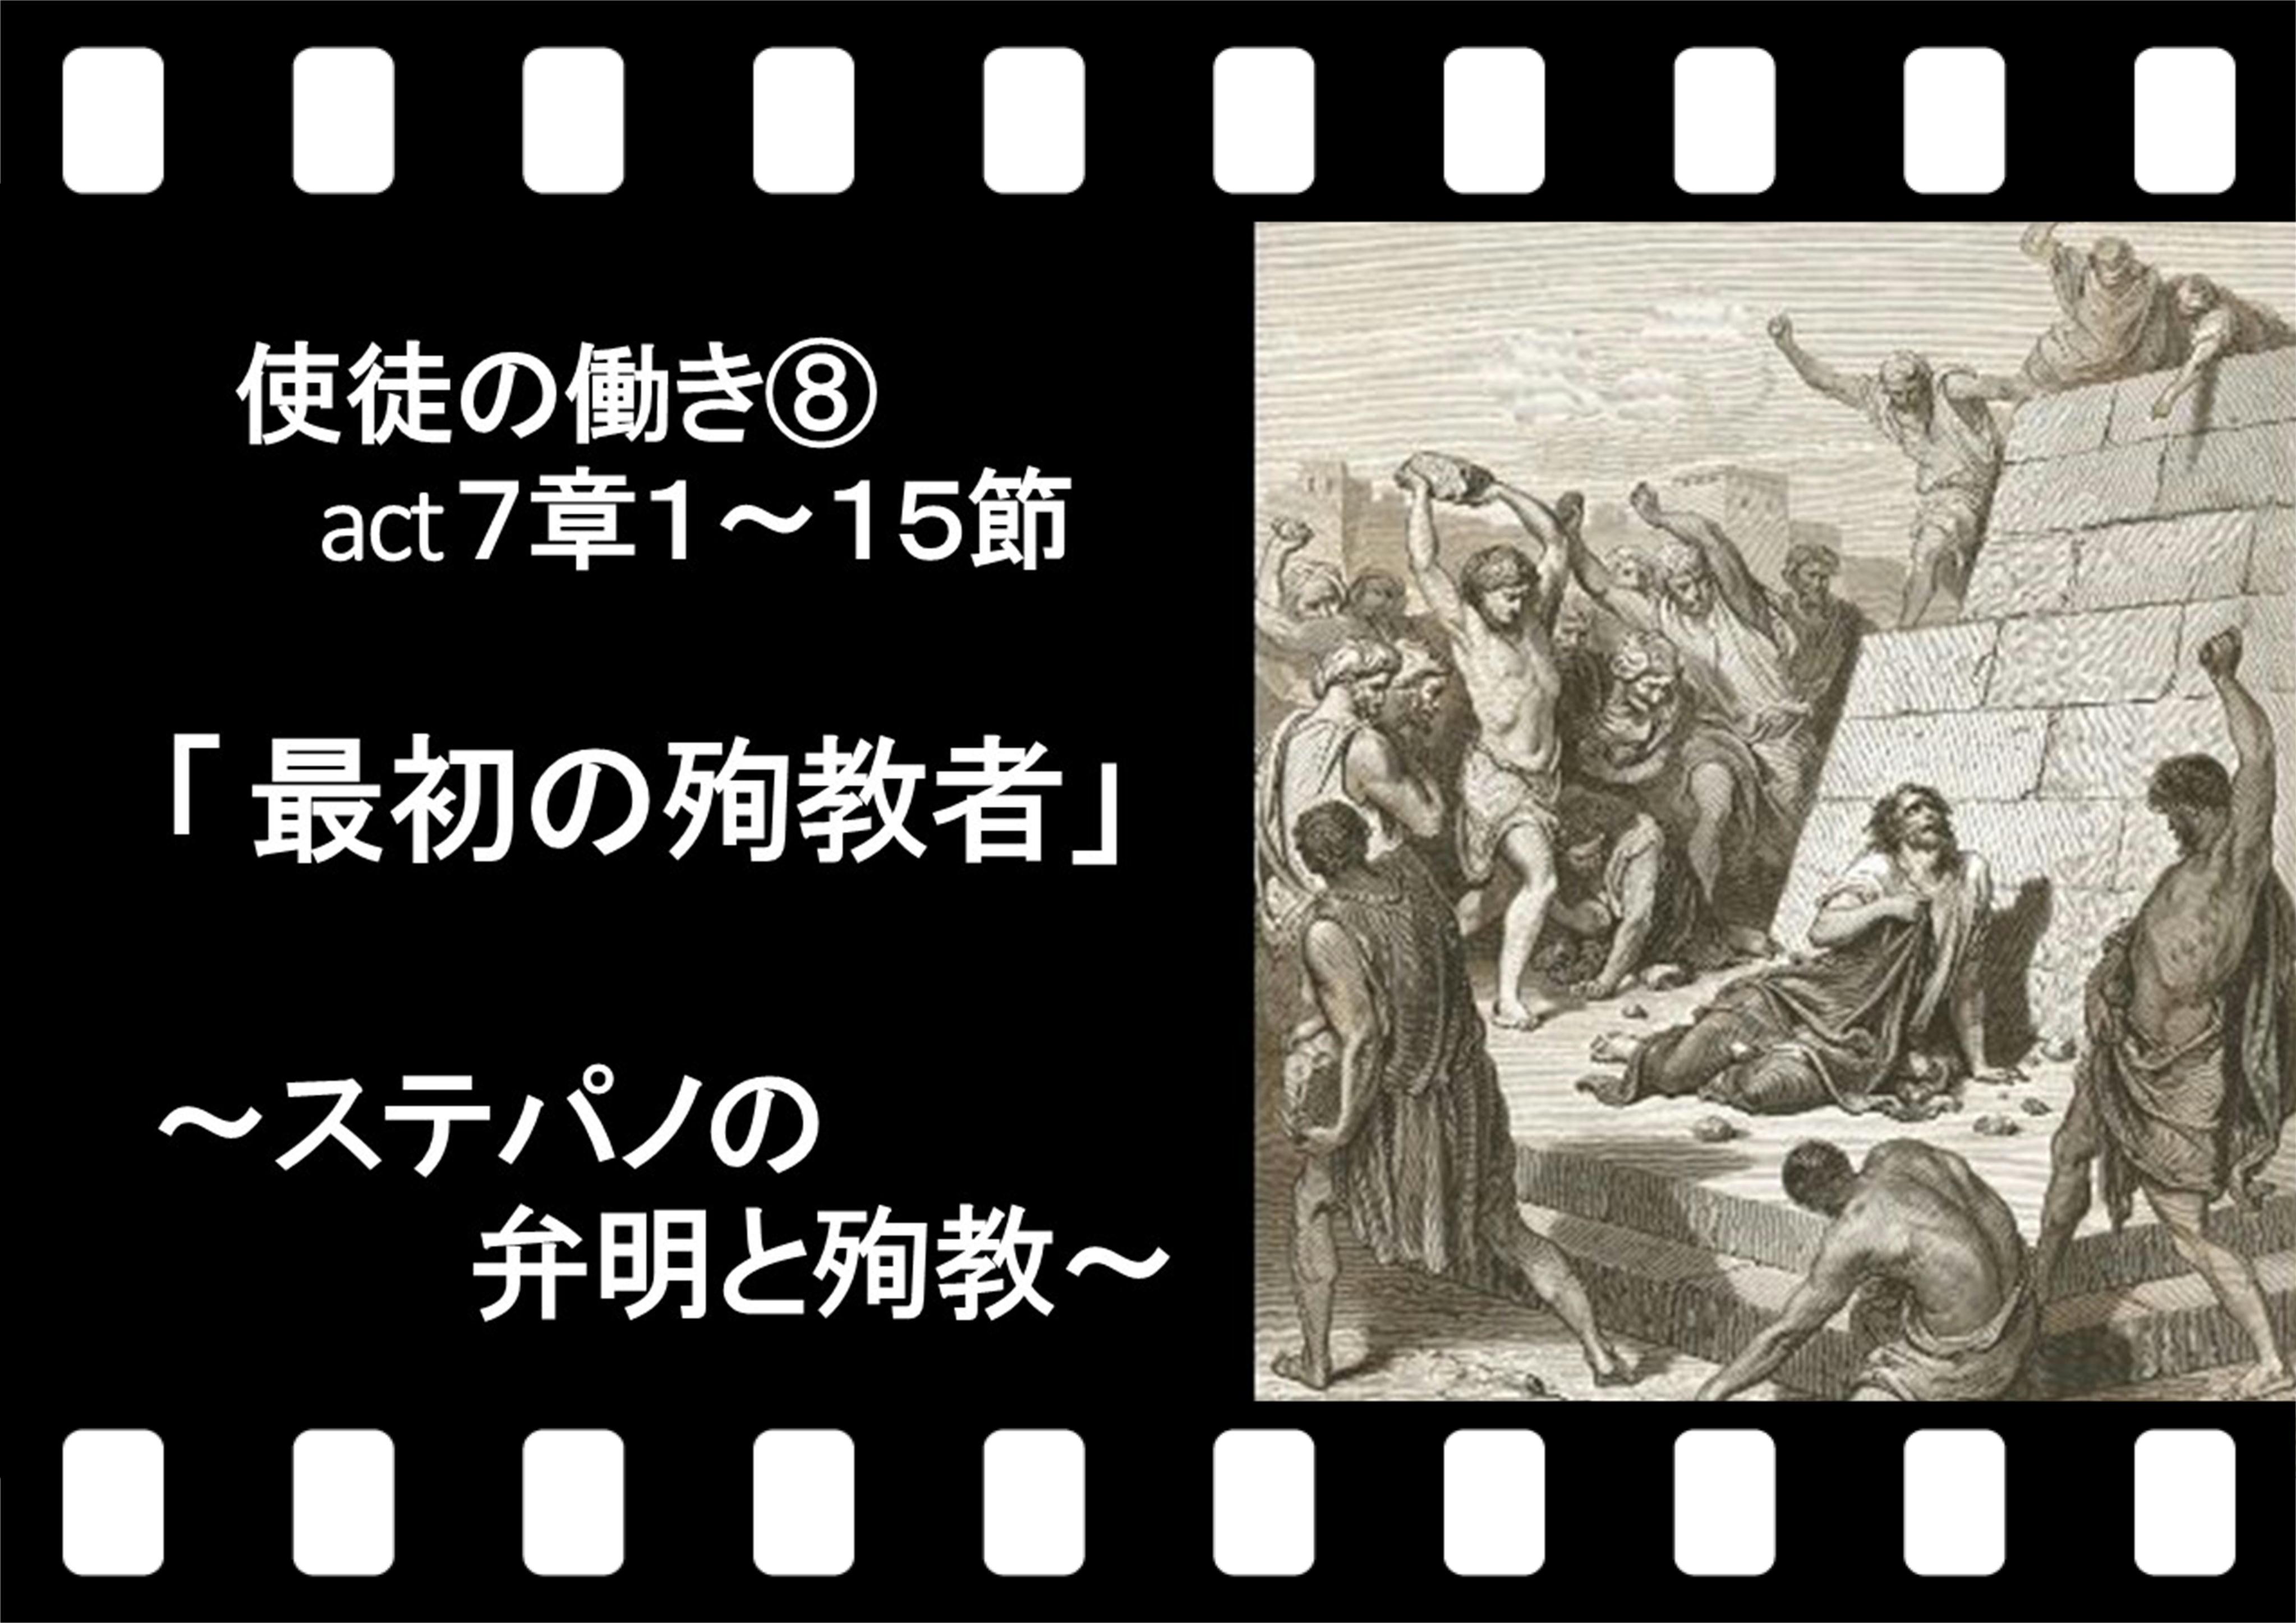 使徒の働き 7章 最初の殉教者 ステパノの弁明と殉教 | 十勝聖書 ...